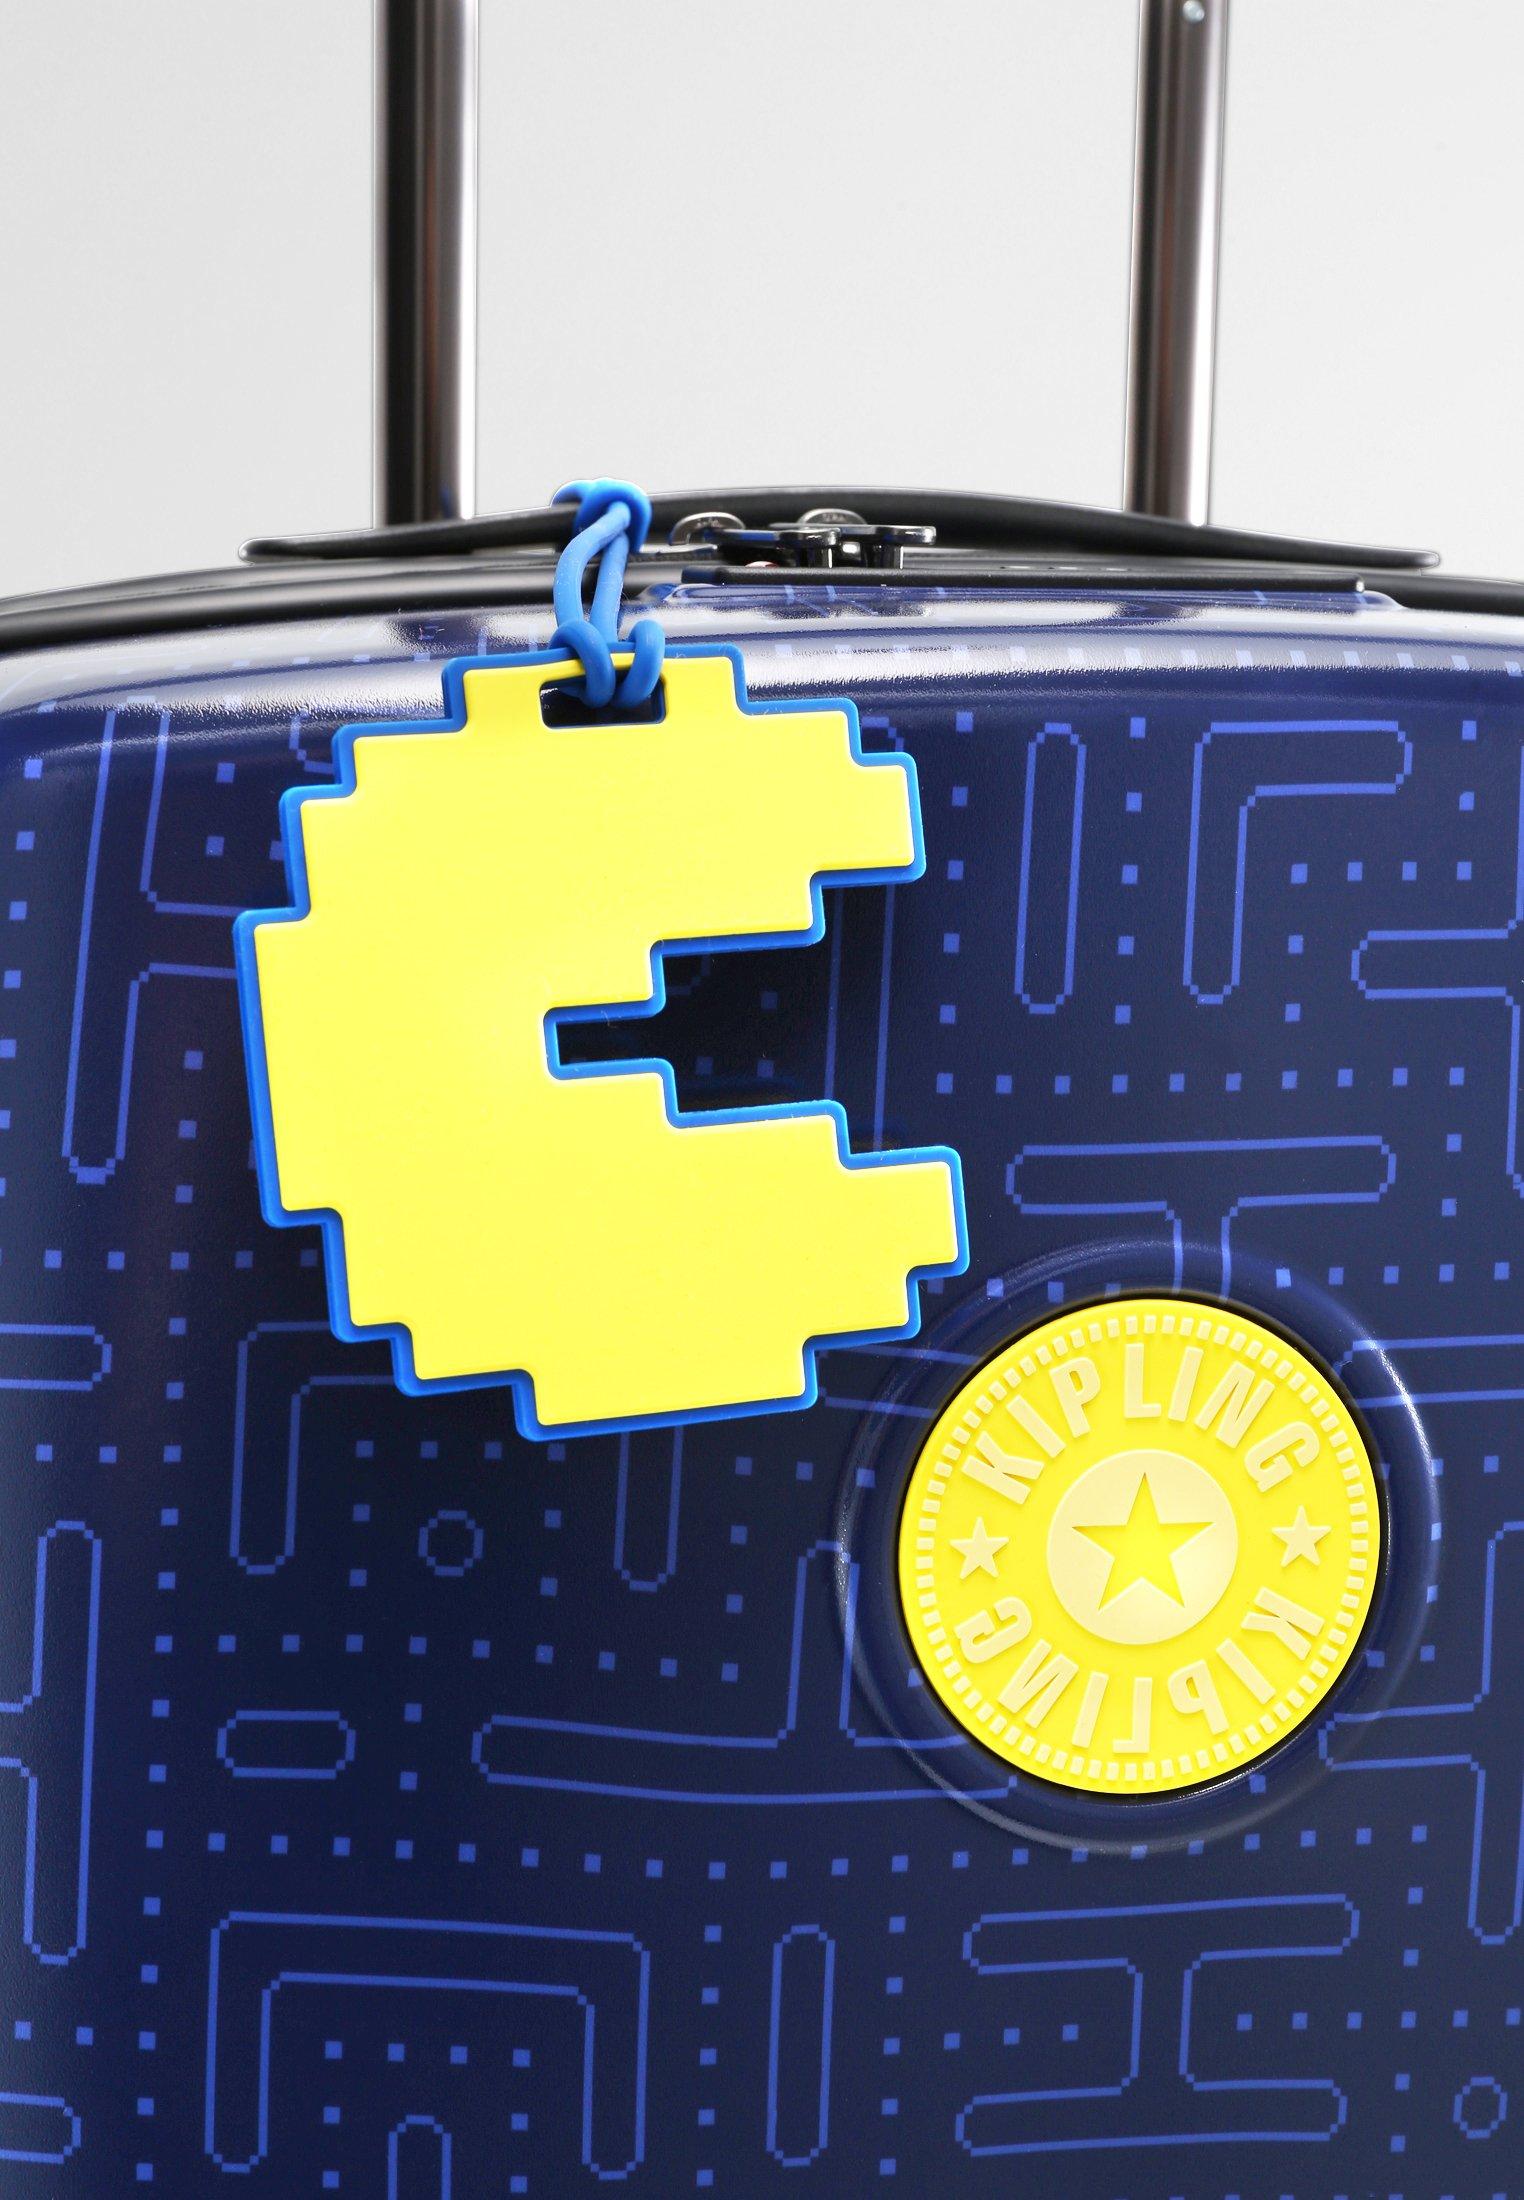 Kipling Curiosity S Pacm - Trolleyer Pac Man Good